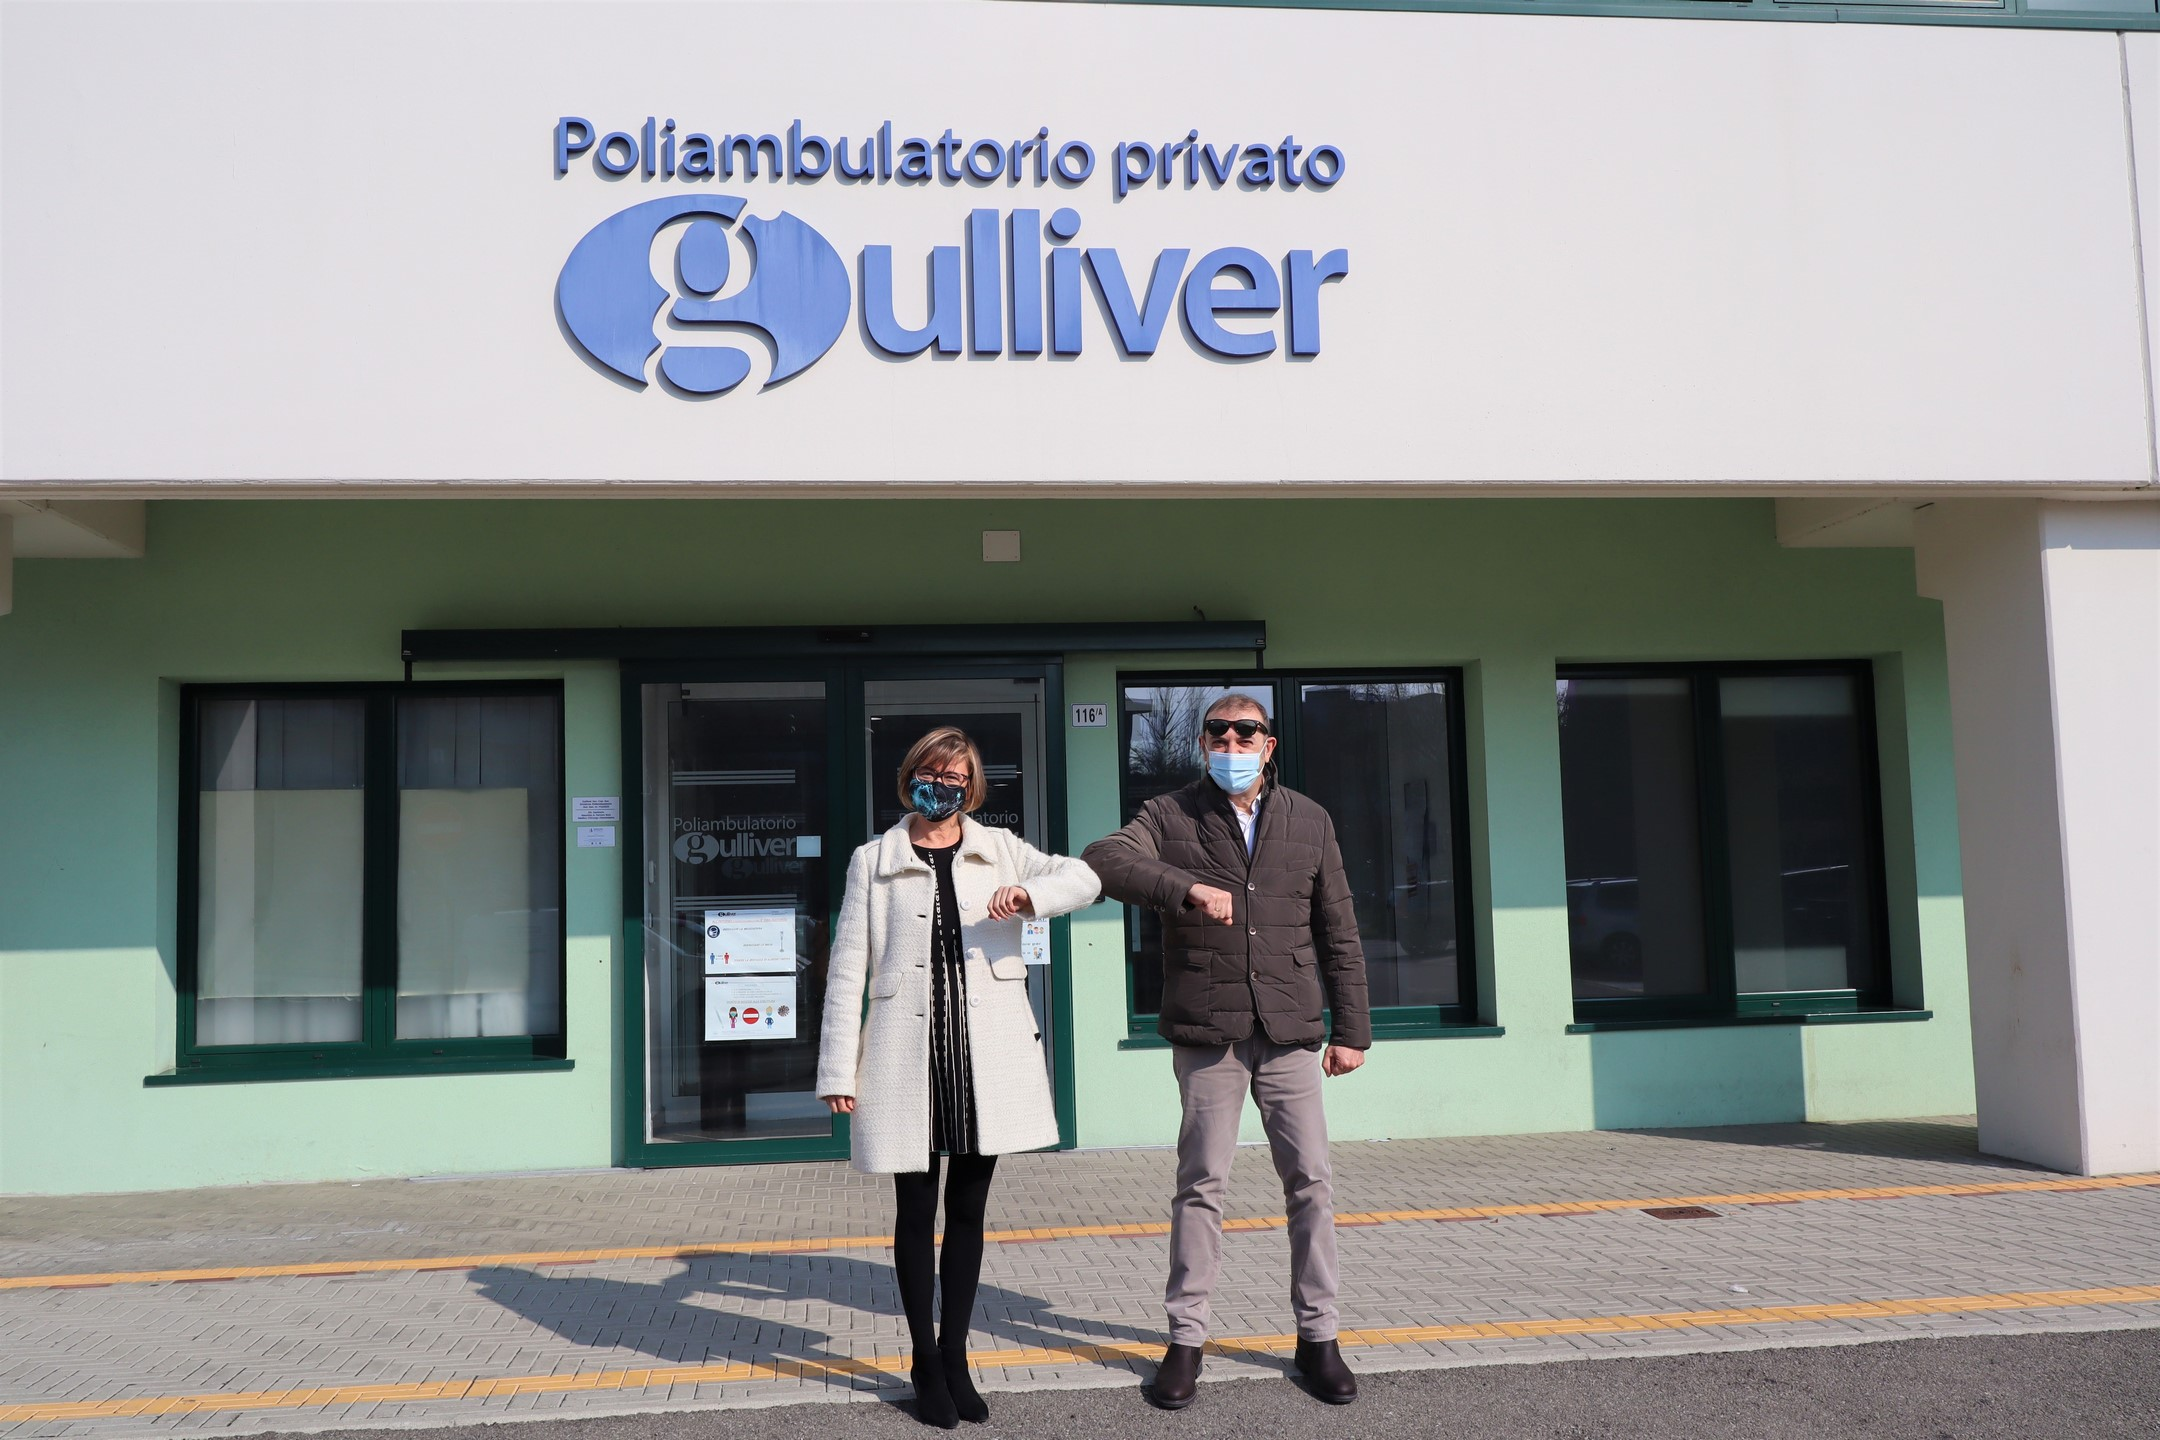 Siglata la convenzione tra Abitcoop e la Divisione Poliambulatorio di Gulliver